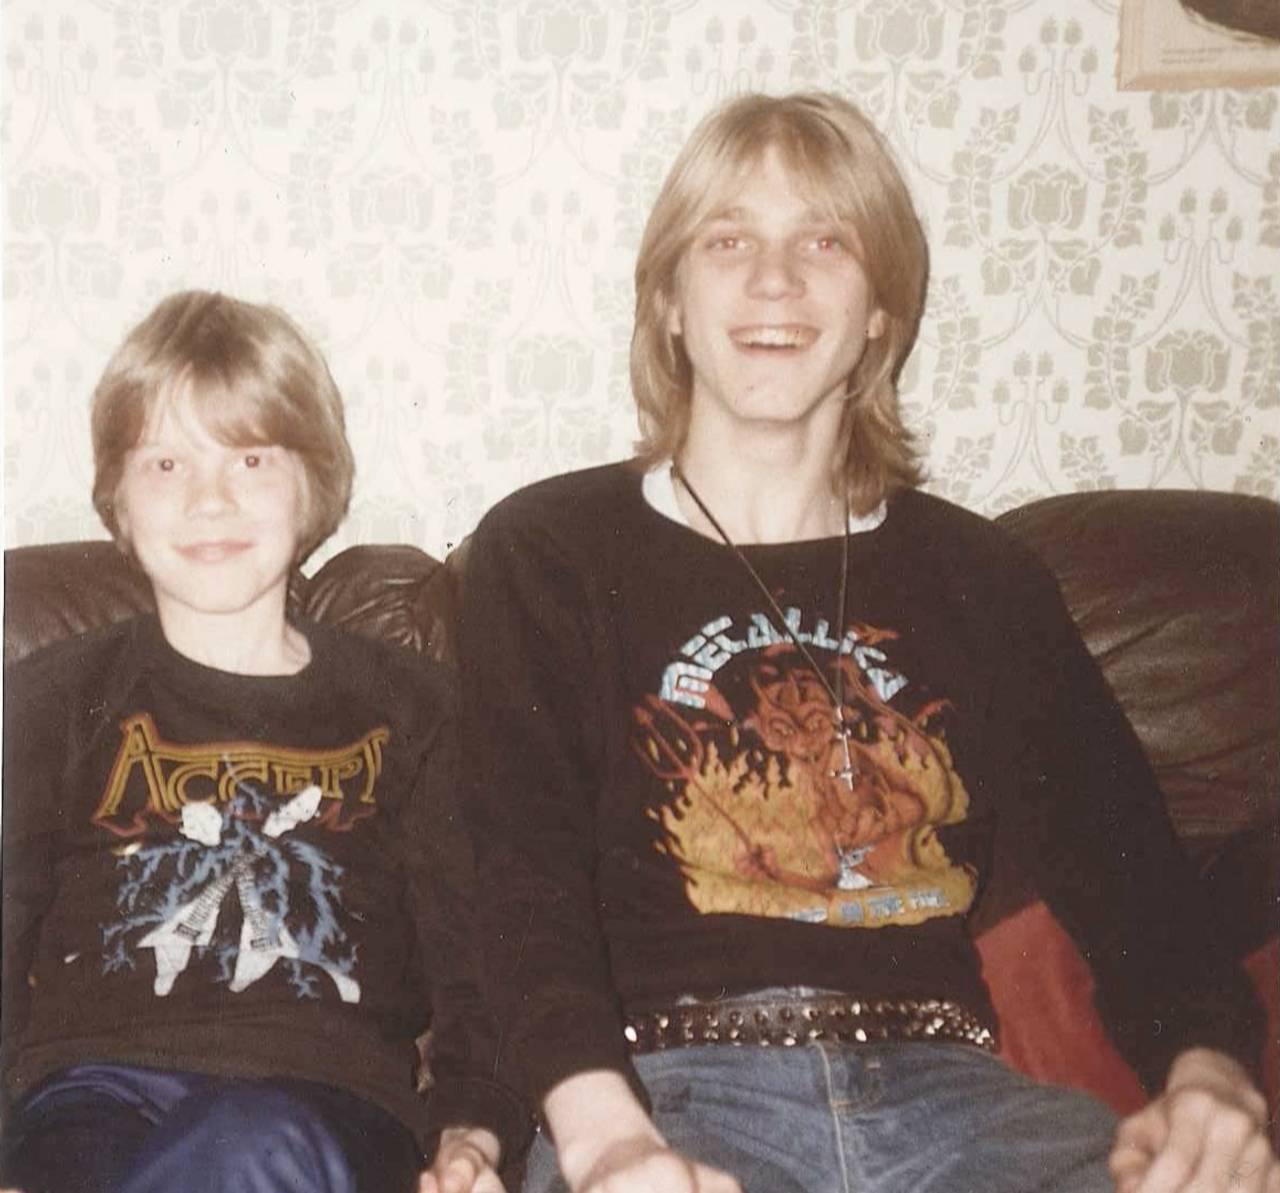 Bilde av Anders og Pelle Ohlin som ungdommer i en sofa. Begge har på seg hver sin metal-band-genser og ser ganske fornøyde ut.